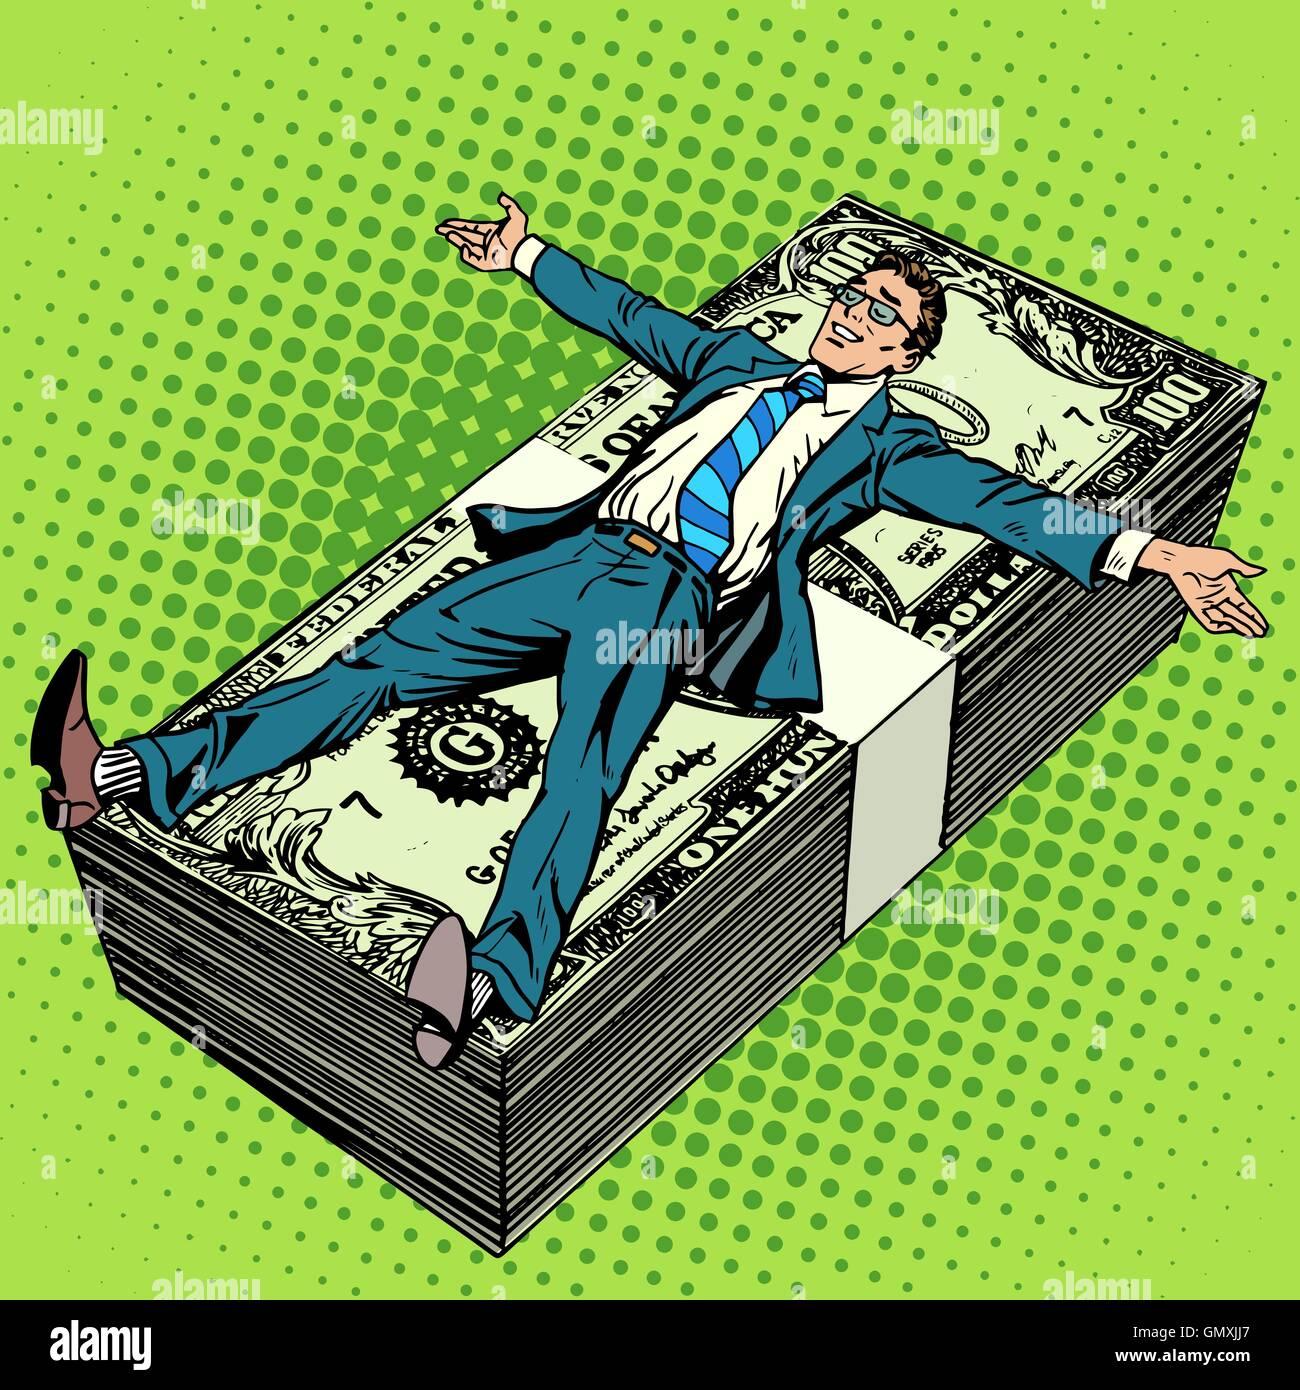 Поздравление банковскому работнику картинка